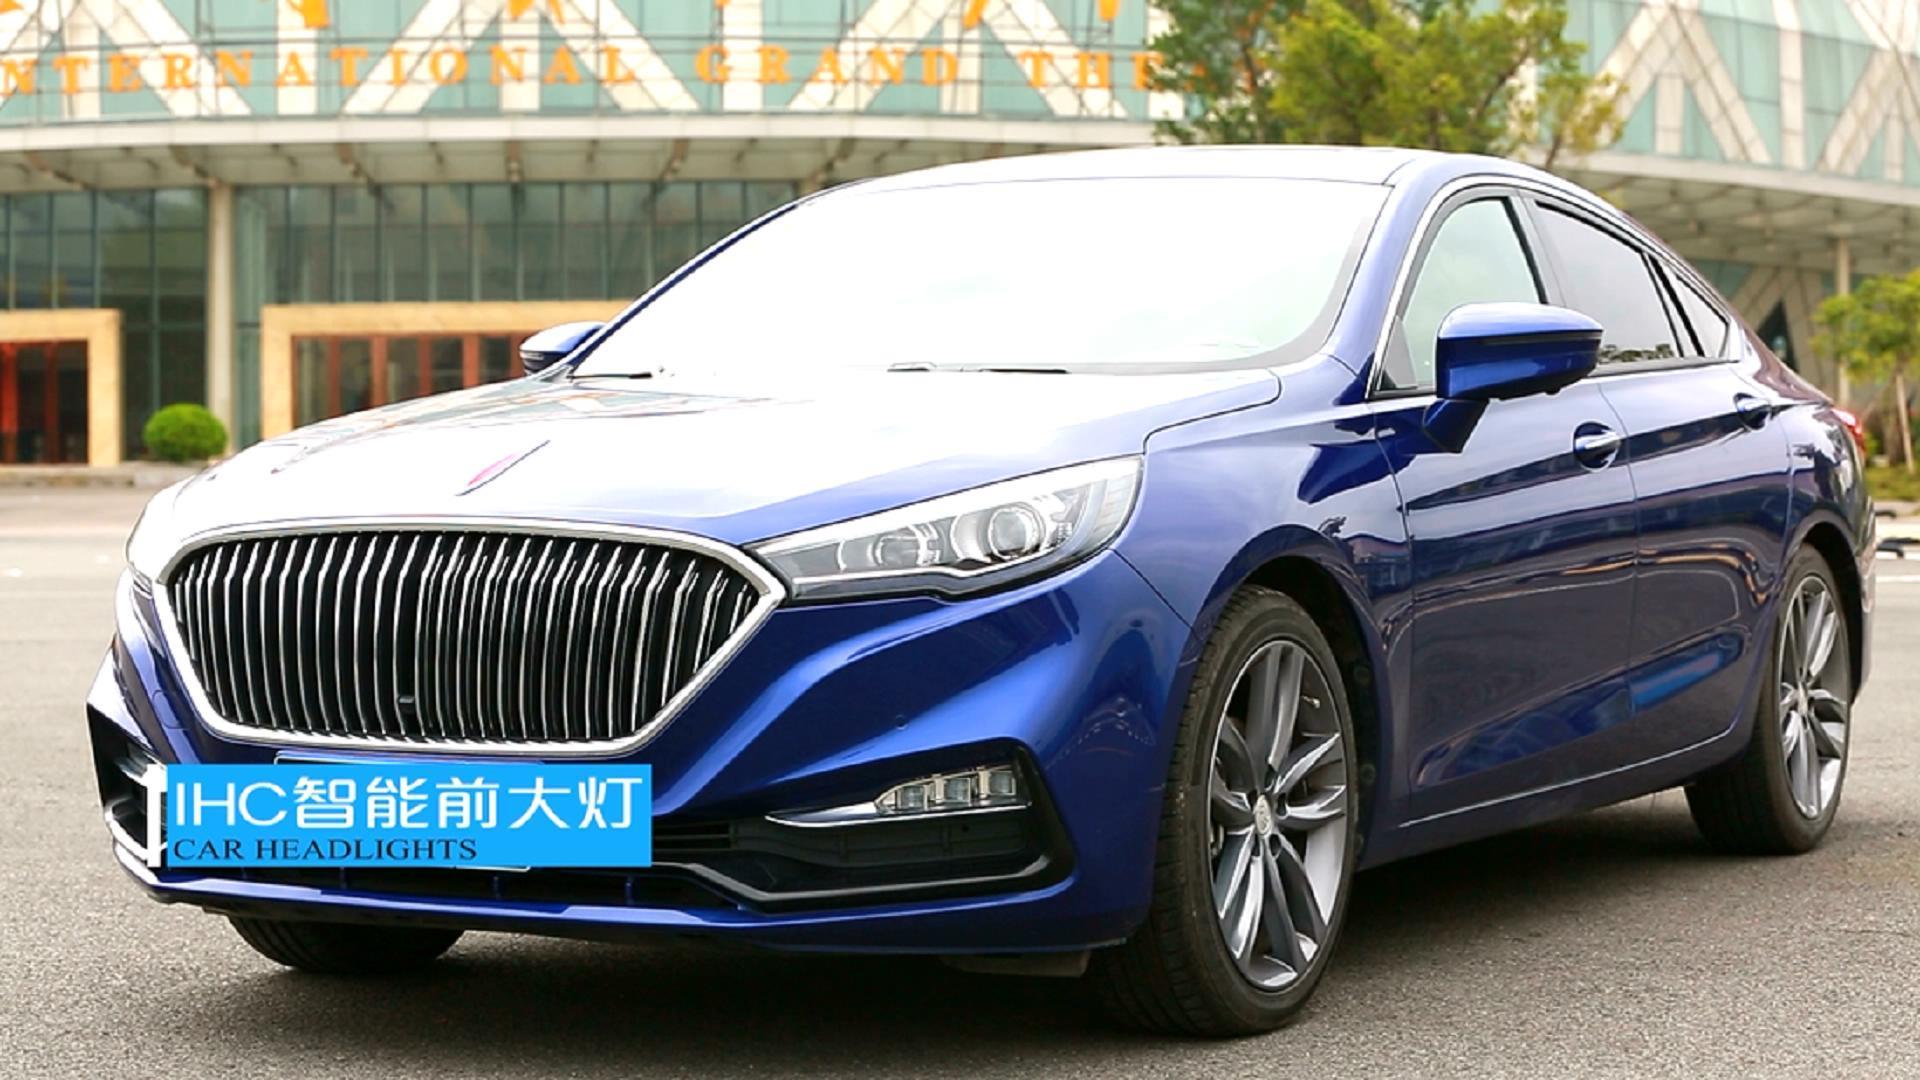 做中国豪华B级轿车的新标杆 红旗H5不一般